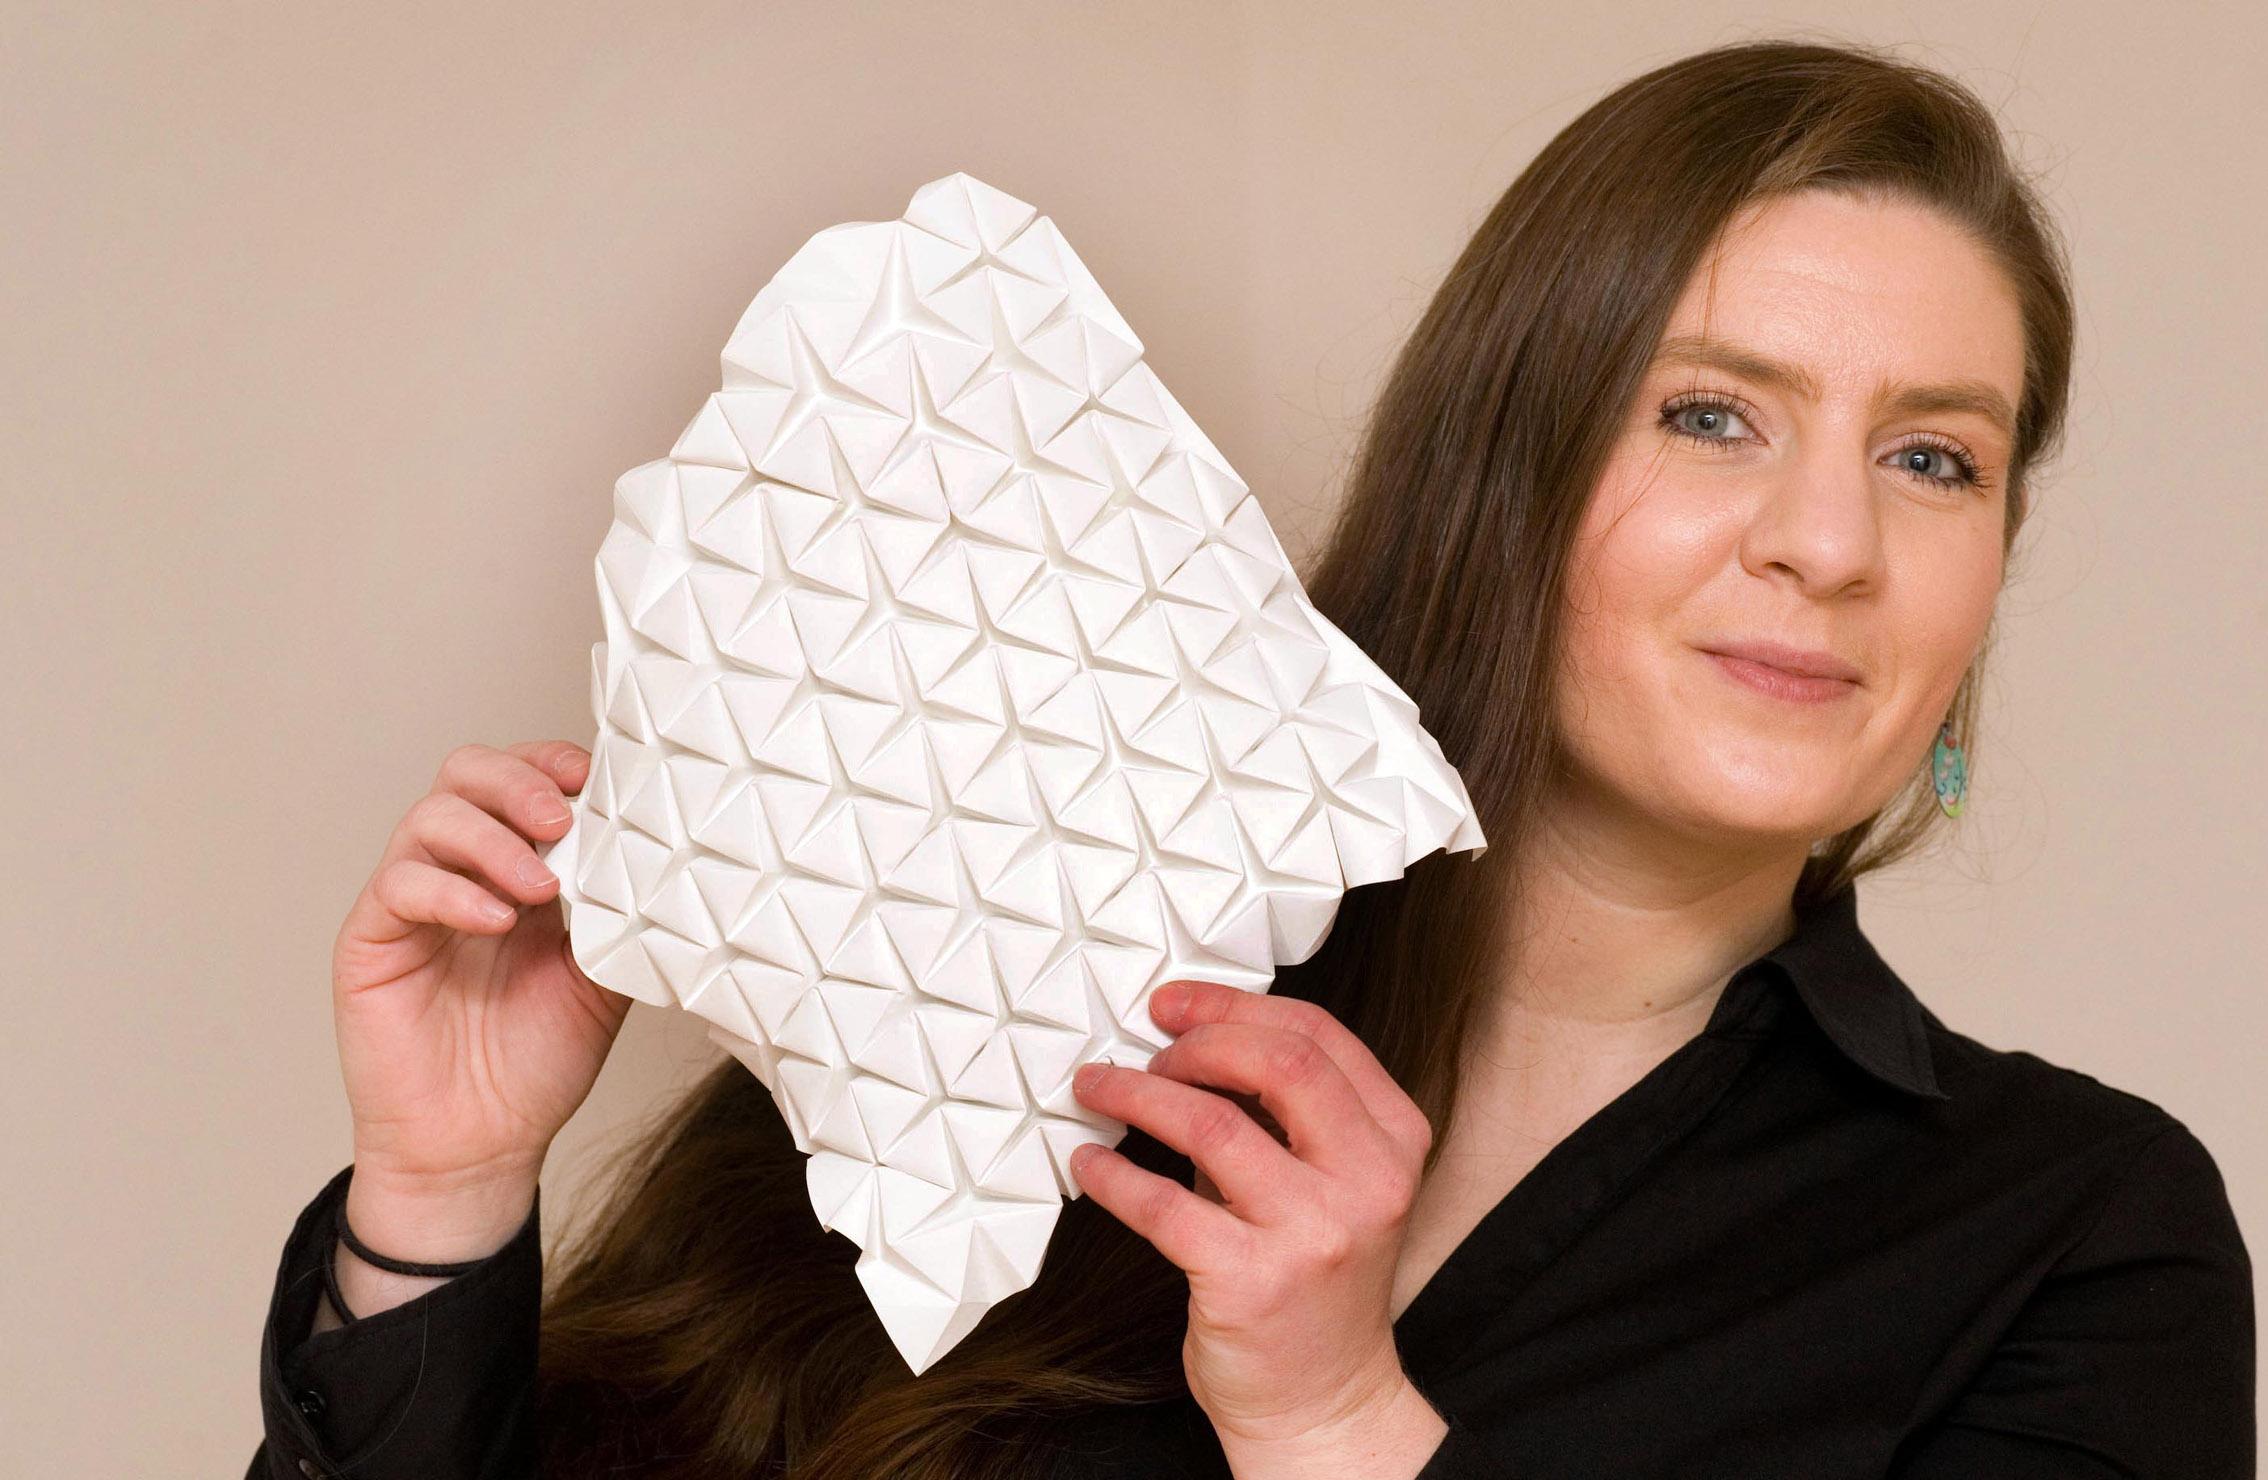 Kristina Wißling - Die Diplomdesignerin aus Lennestadt faltet Origami-Figuren für die Industrie (Medizin, Raumfahrt), die Problemstellungen in diesem Feld lösen können.